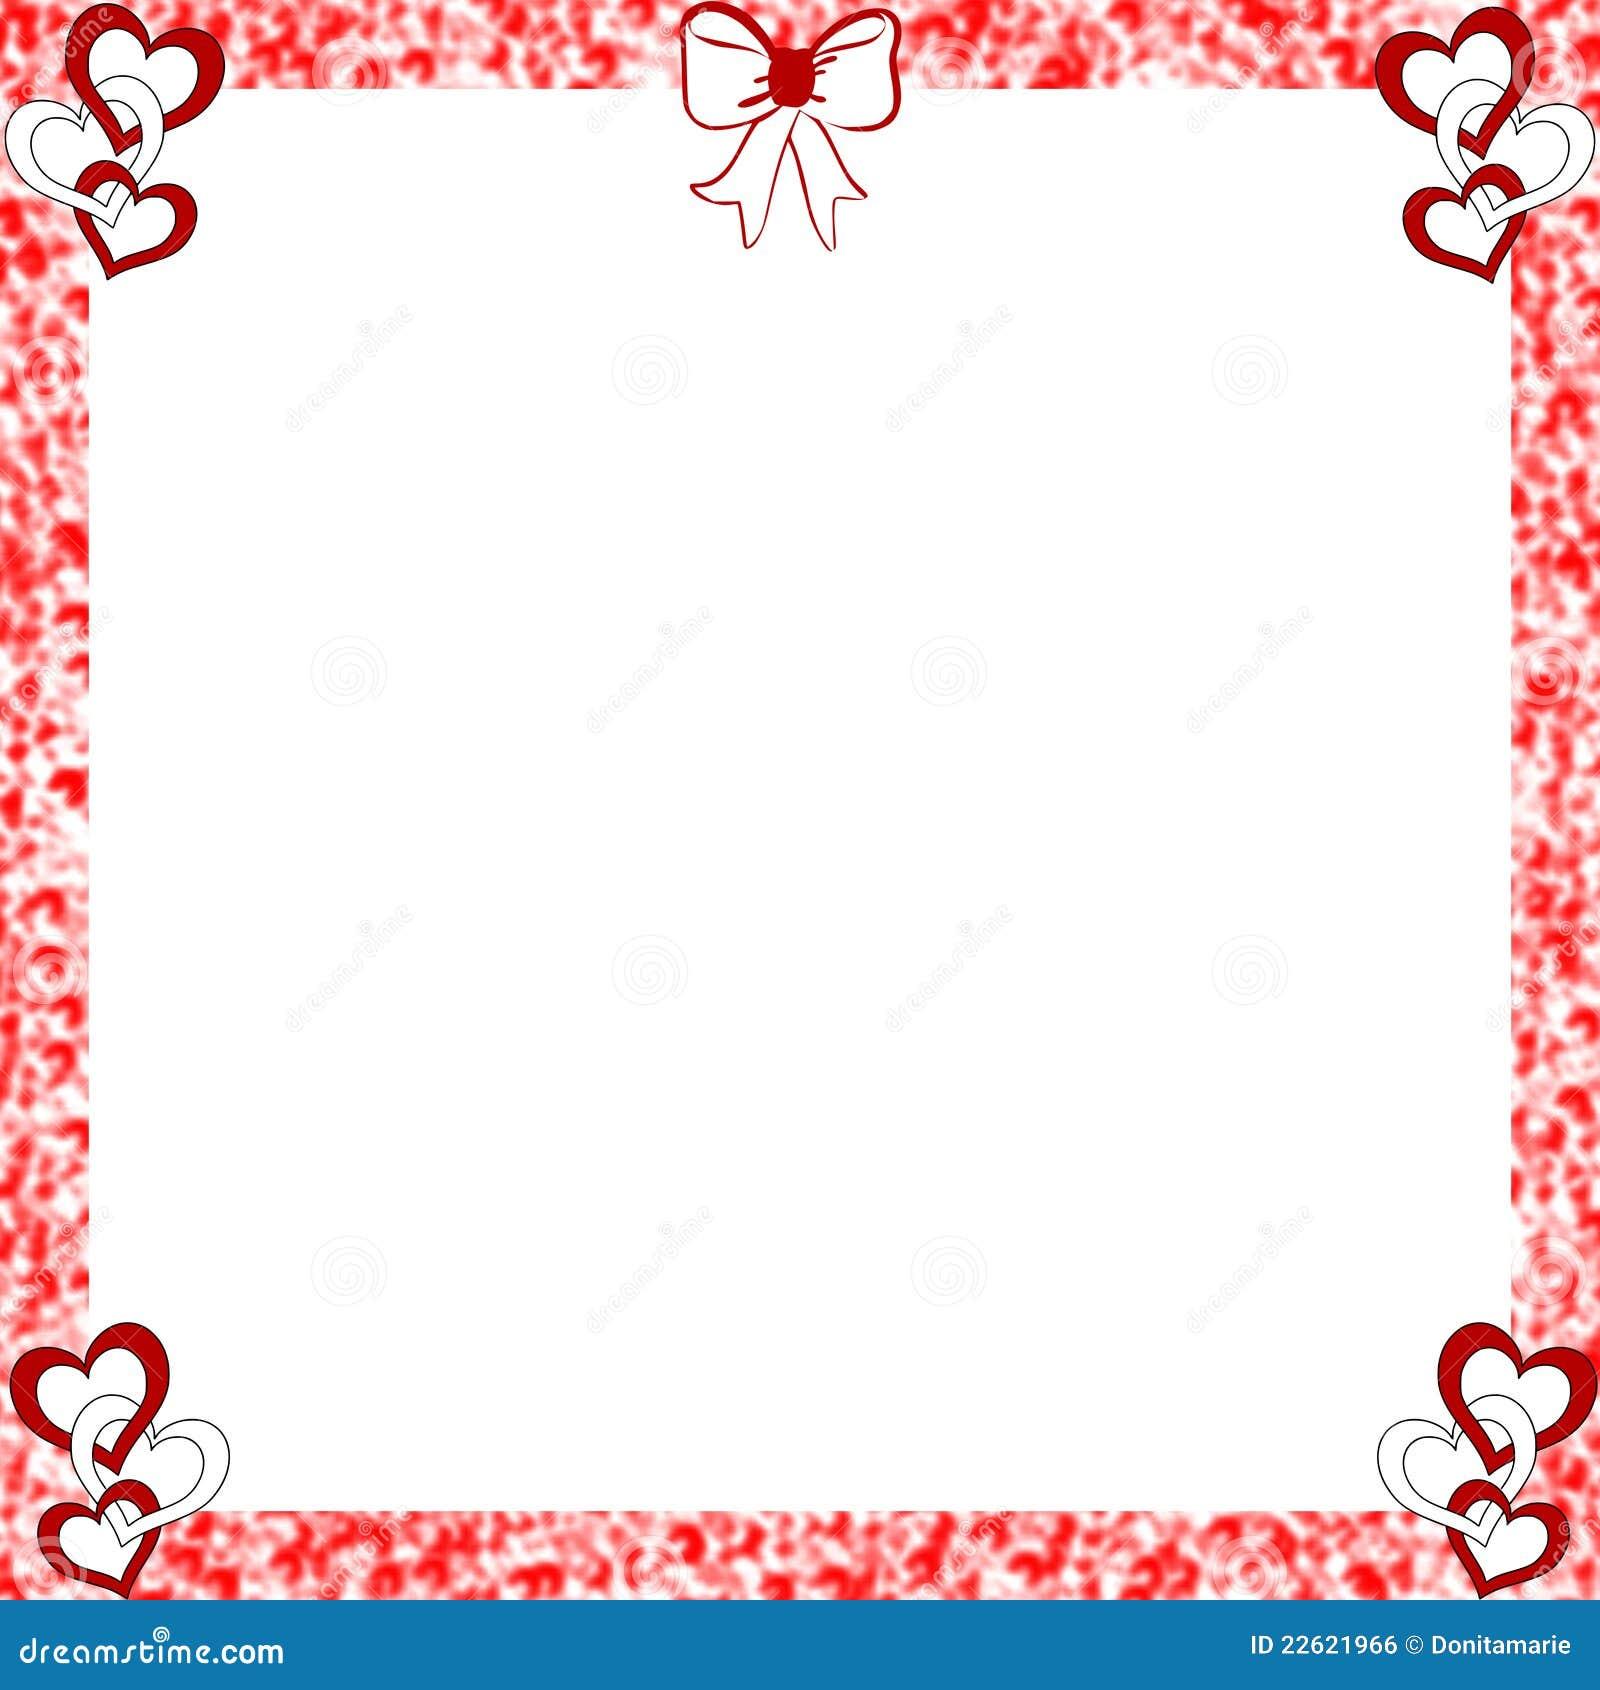 Imagem de Stock Royalty Free: Bordas afligidas quadro dos corações ...